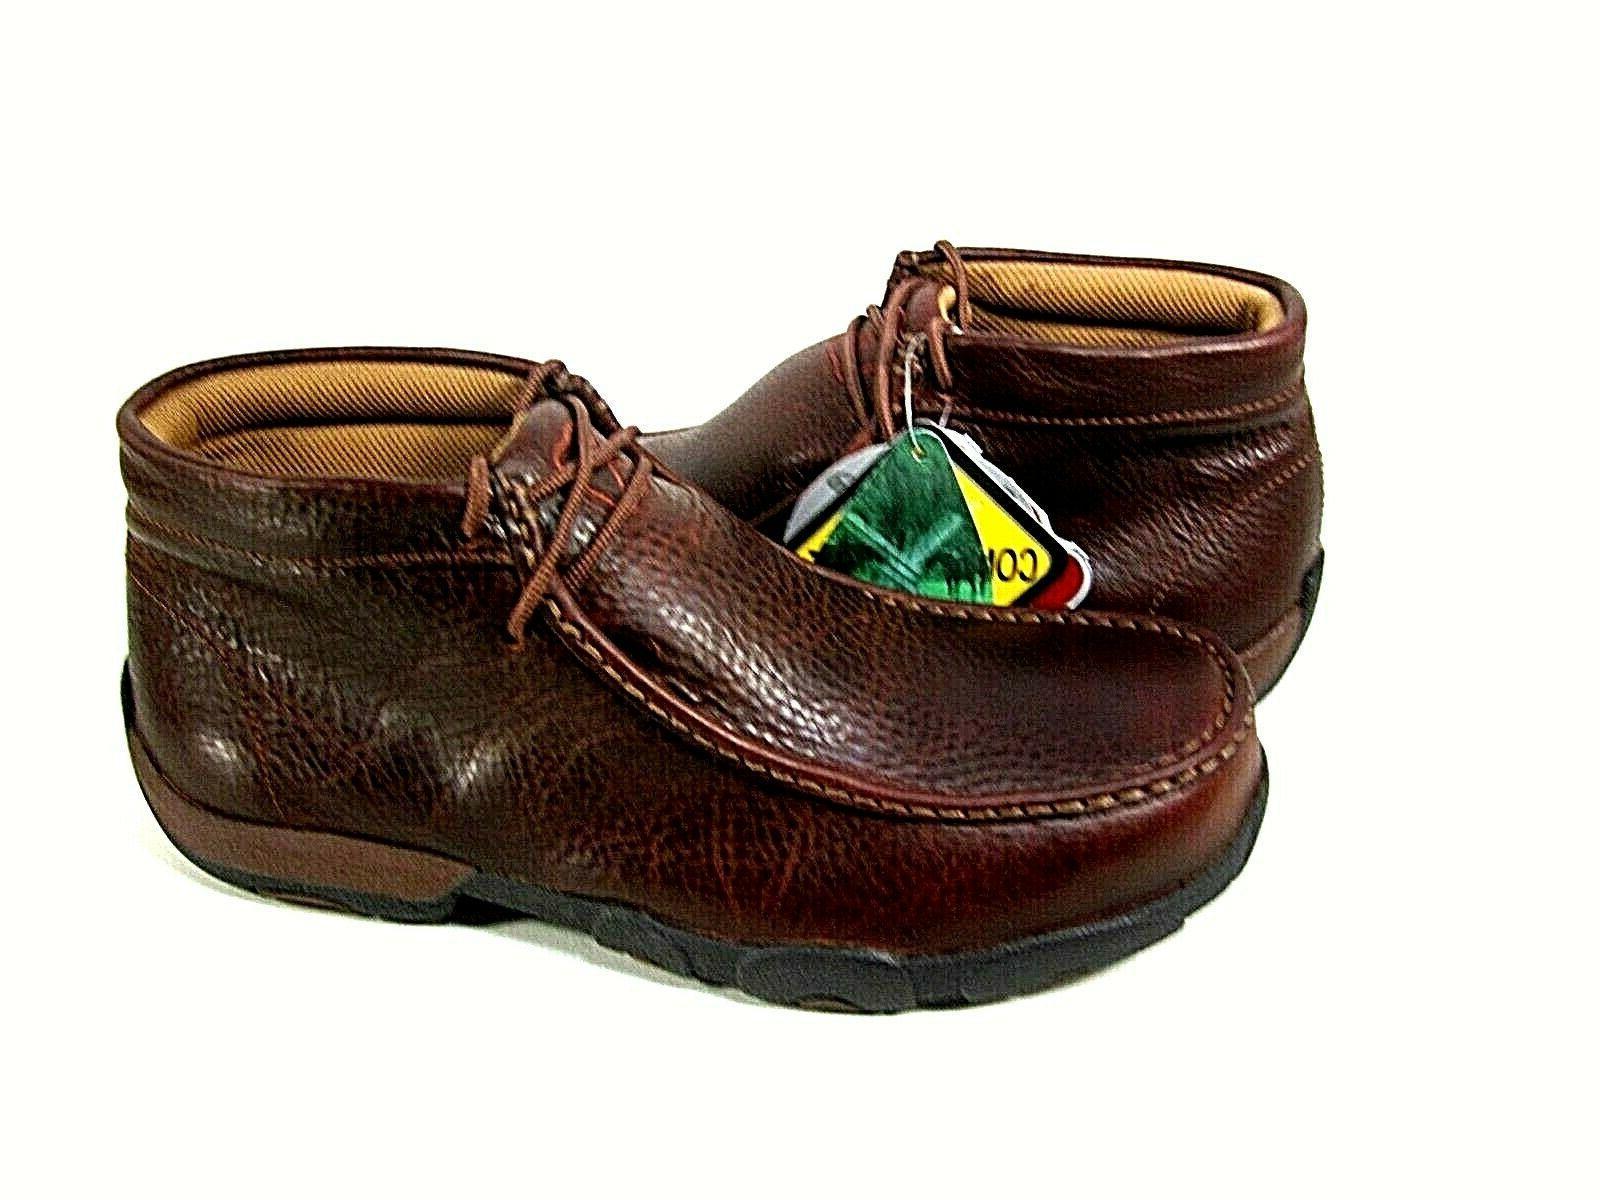 mdmctw1 mens driving mocs boots composite toe